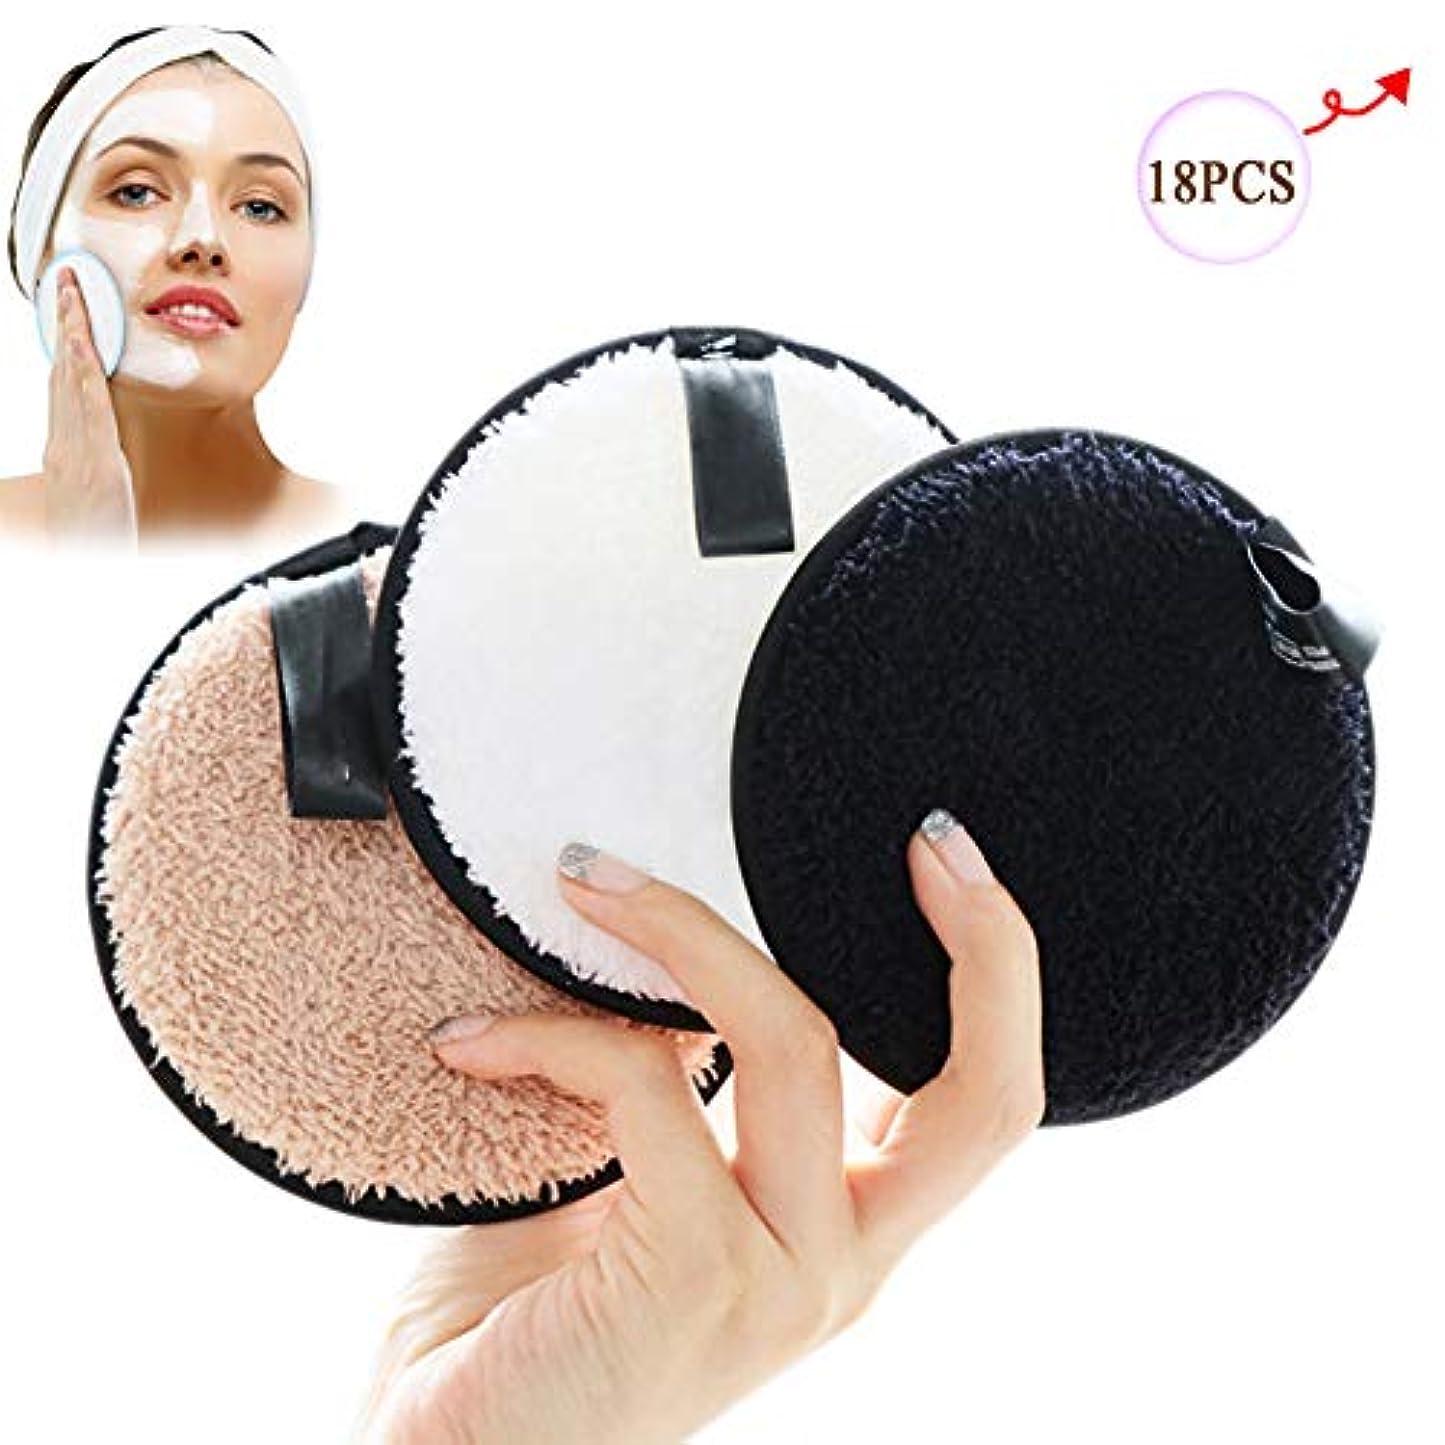 オーバードロー取り戻す反対した除去剤のパッド、女性の表面/目/唇のための再使用可能な清潔になる綿繊維の構造の除去剤のワイプ,18PCS